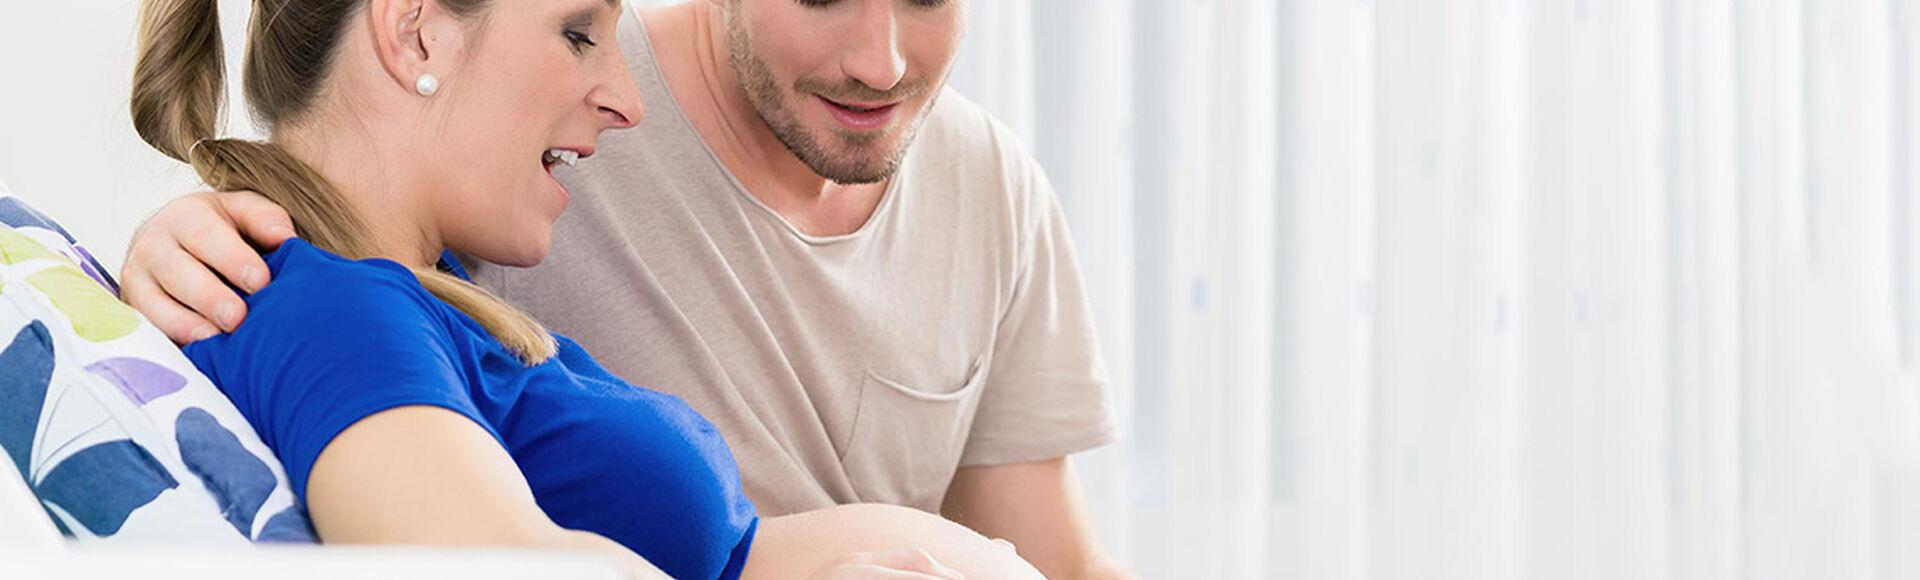 Sintomas horas antes do parto